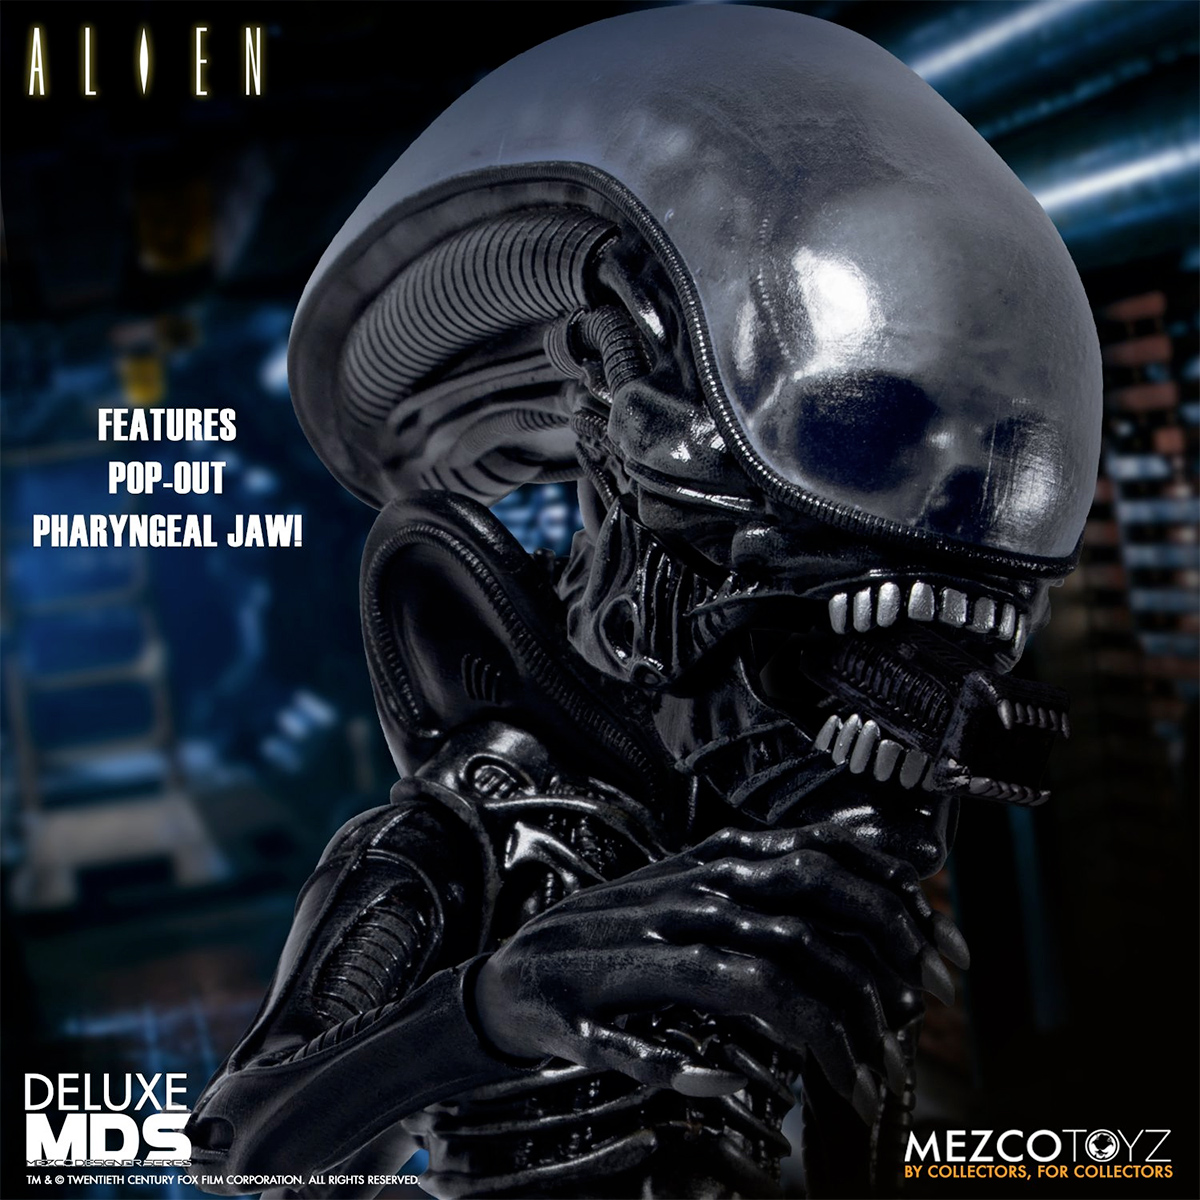 Boneco Alien Deluxe Mezco Designer Series MDS